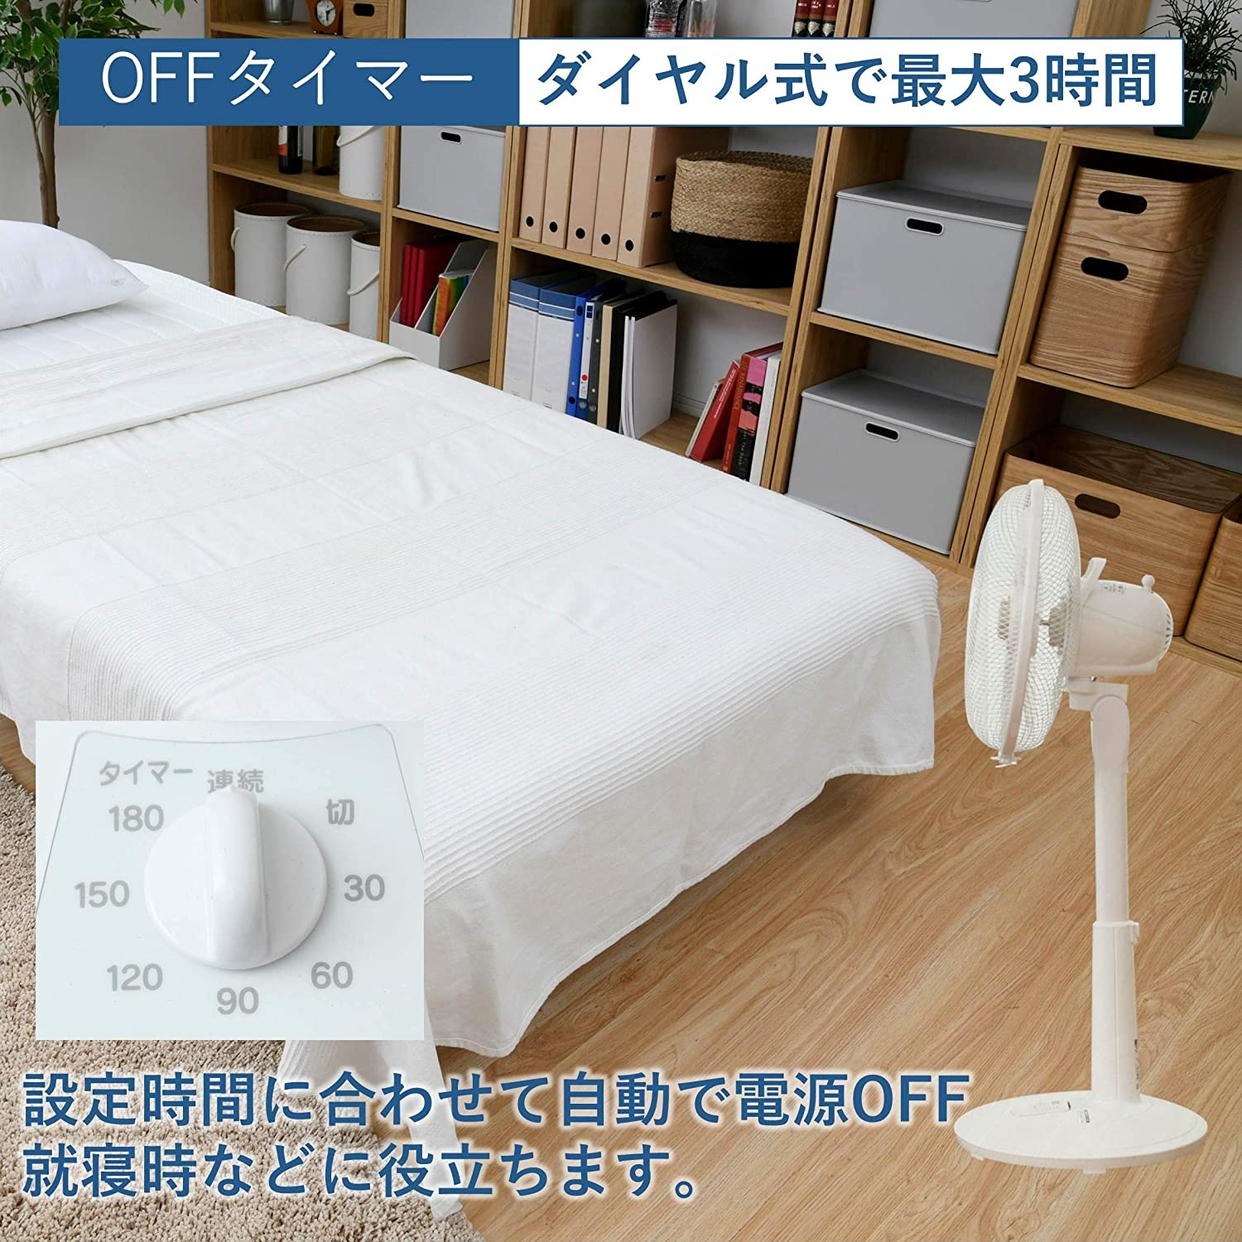 山善(YAMAZEN) 30cmリビング扇風機 YLT-C30の商品画像5